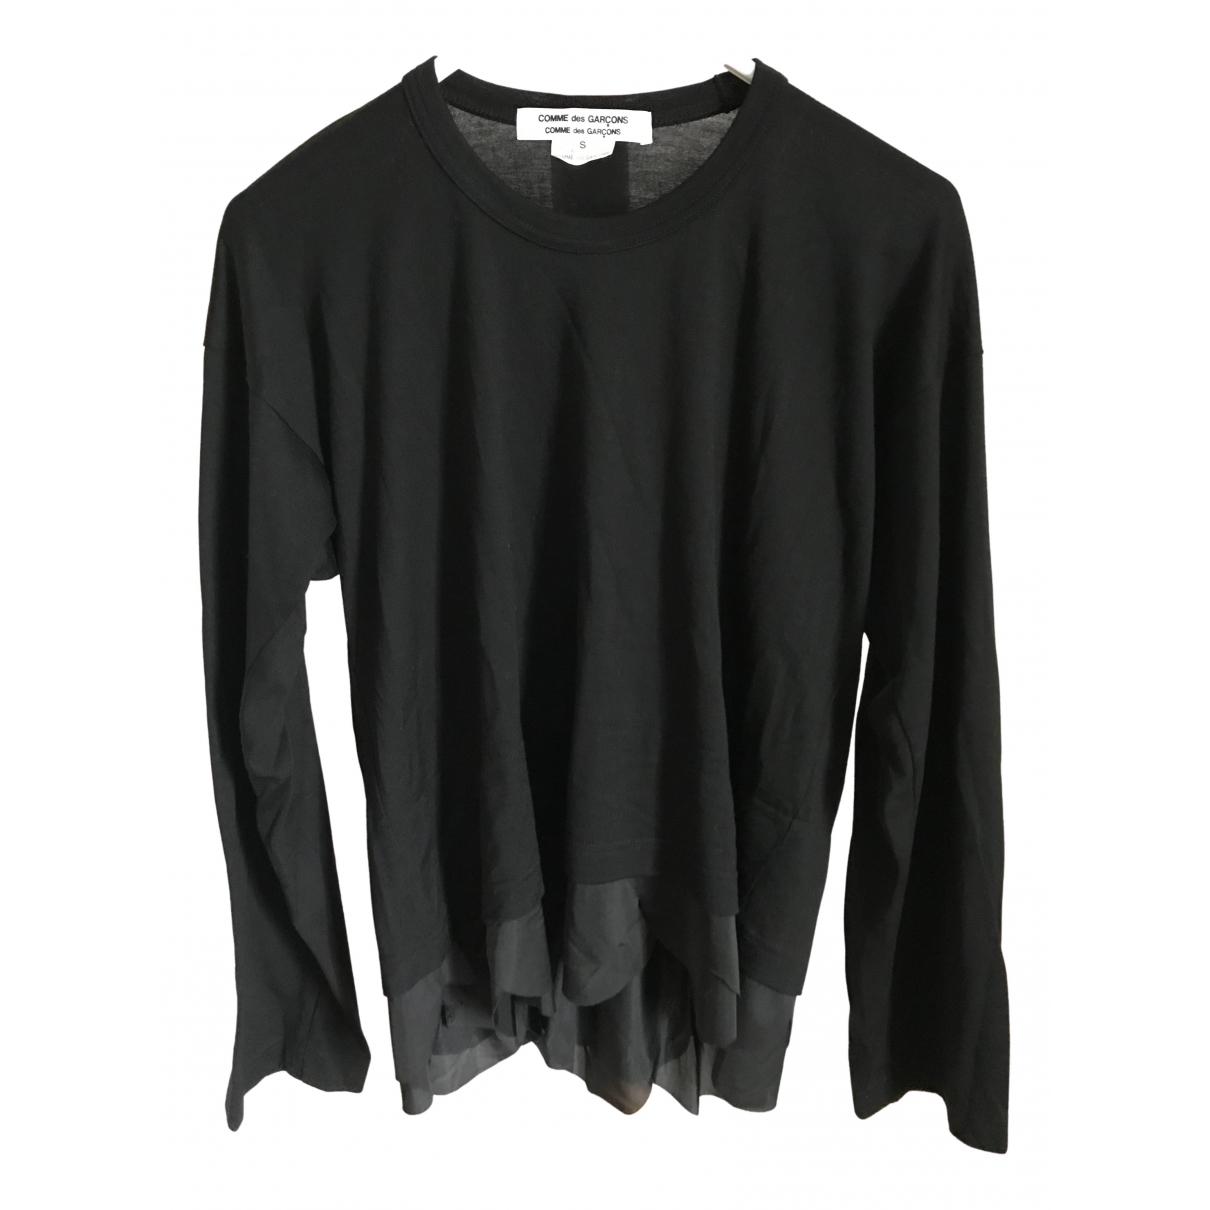 Camiseta de Lana Comme Des Garcons